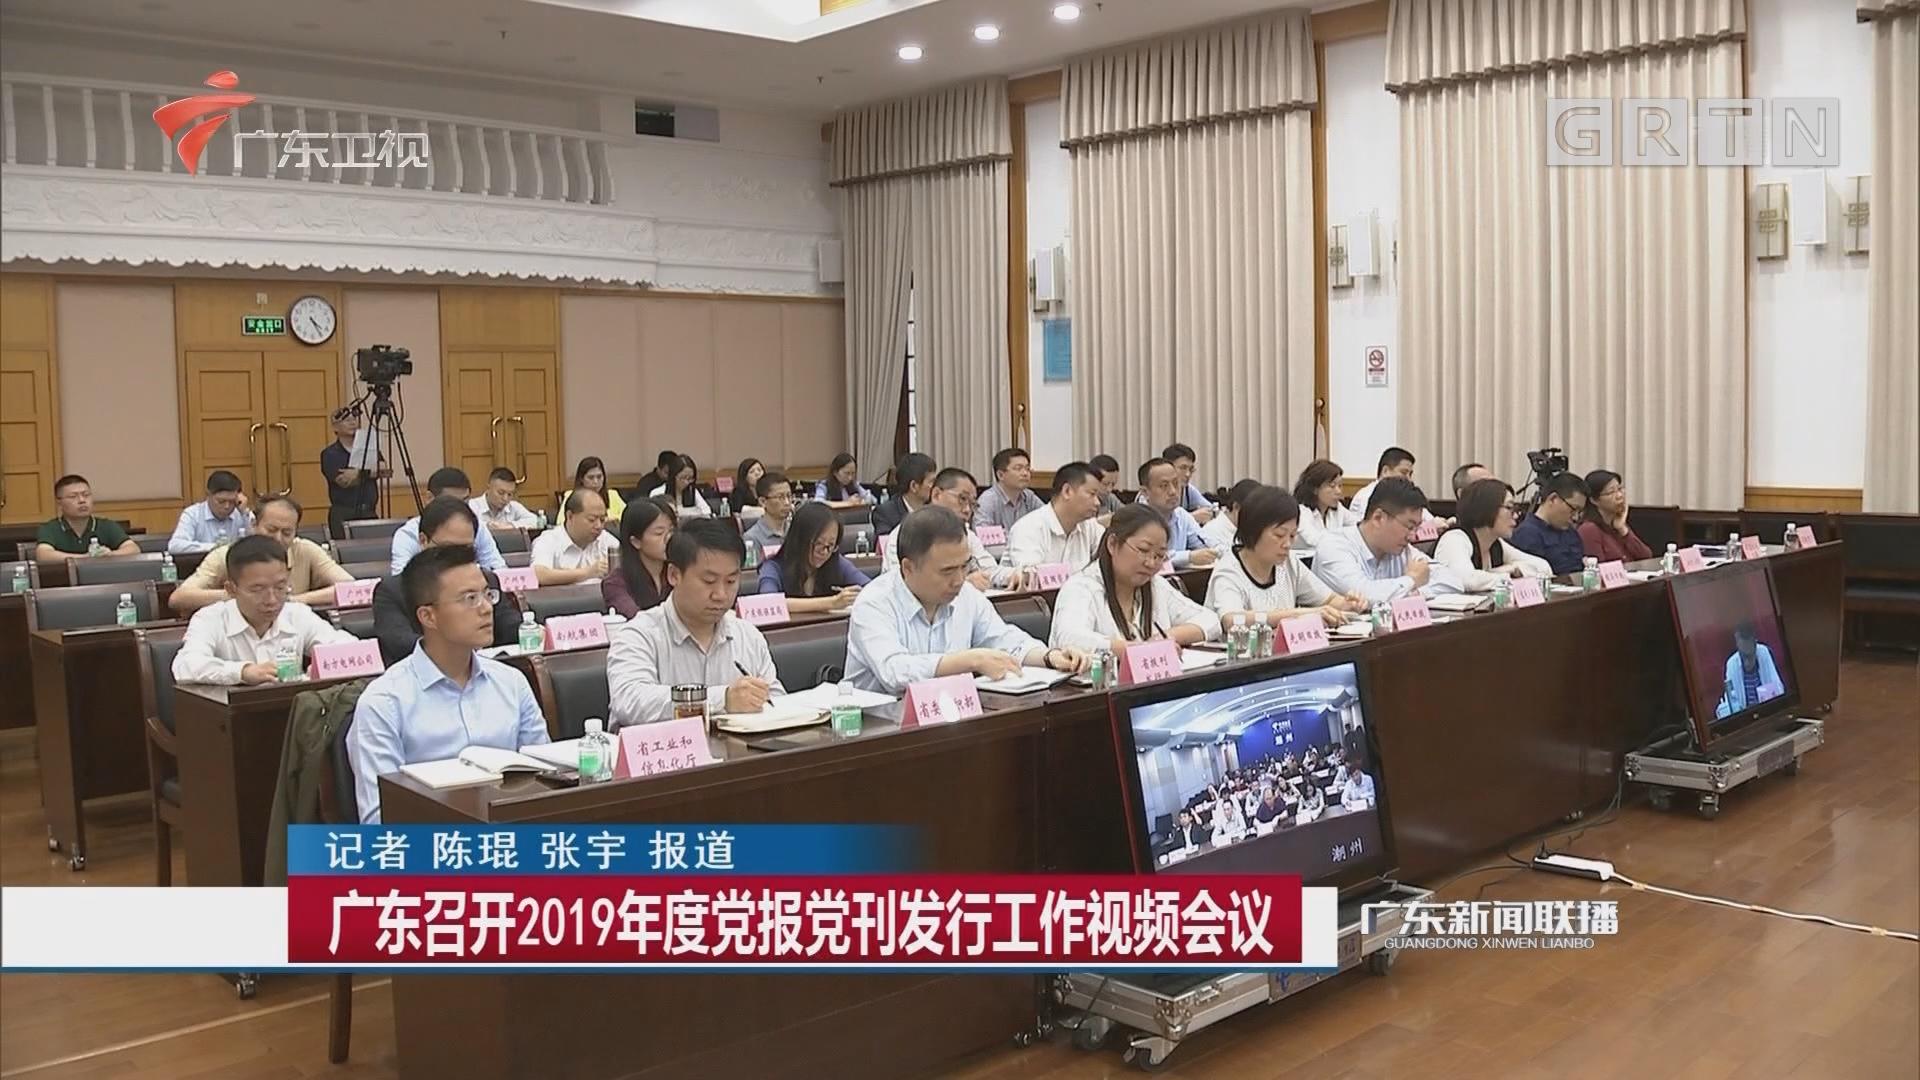 广东召开2019年度党报党刊发行工作视频会议